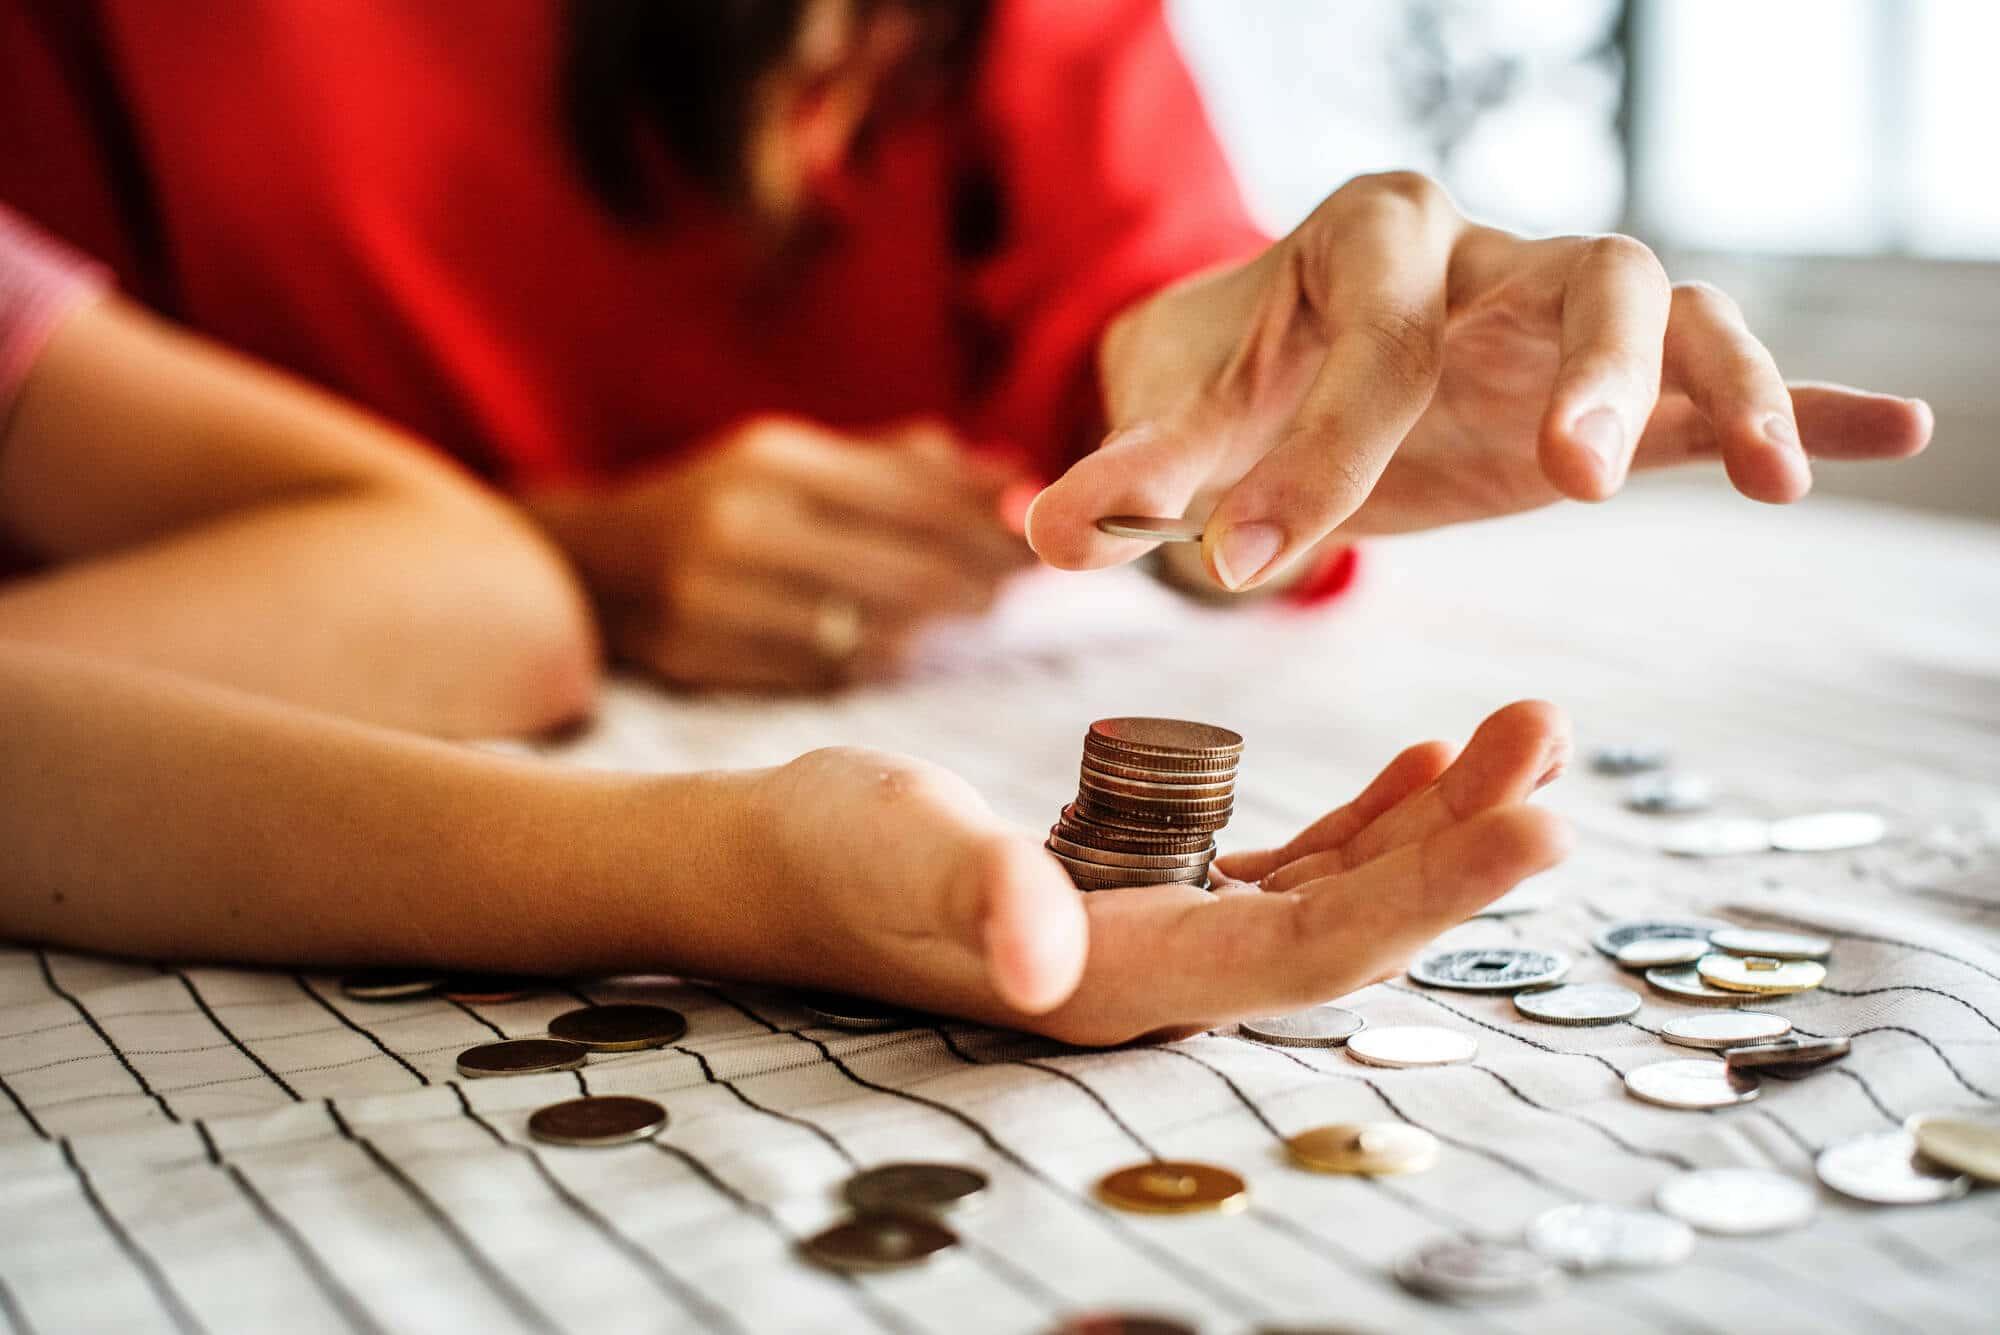 Spænd livremmen: sådan skærer du markant ned på dine udgifter